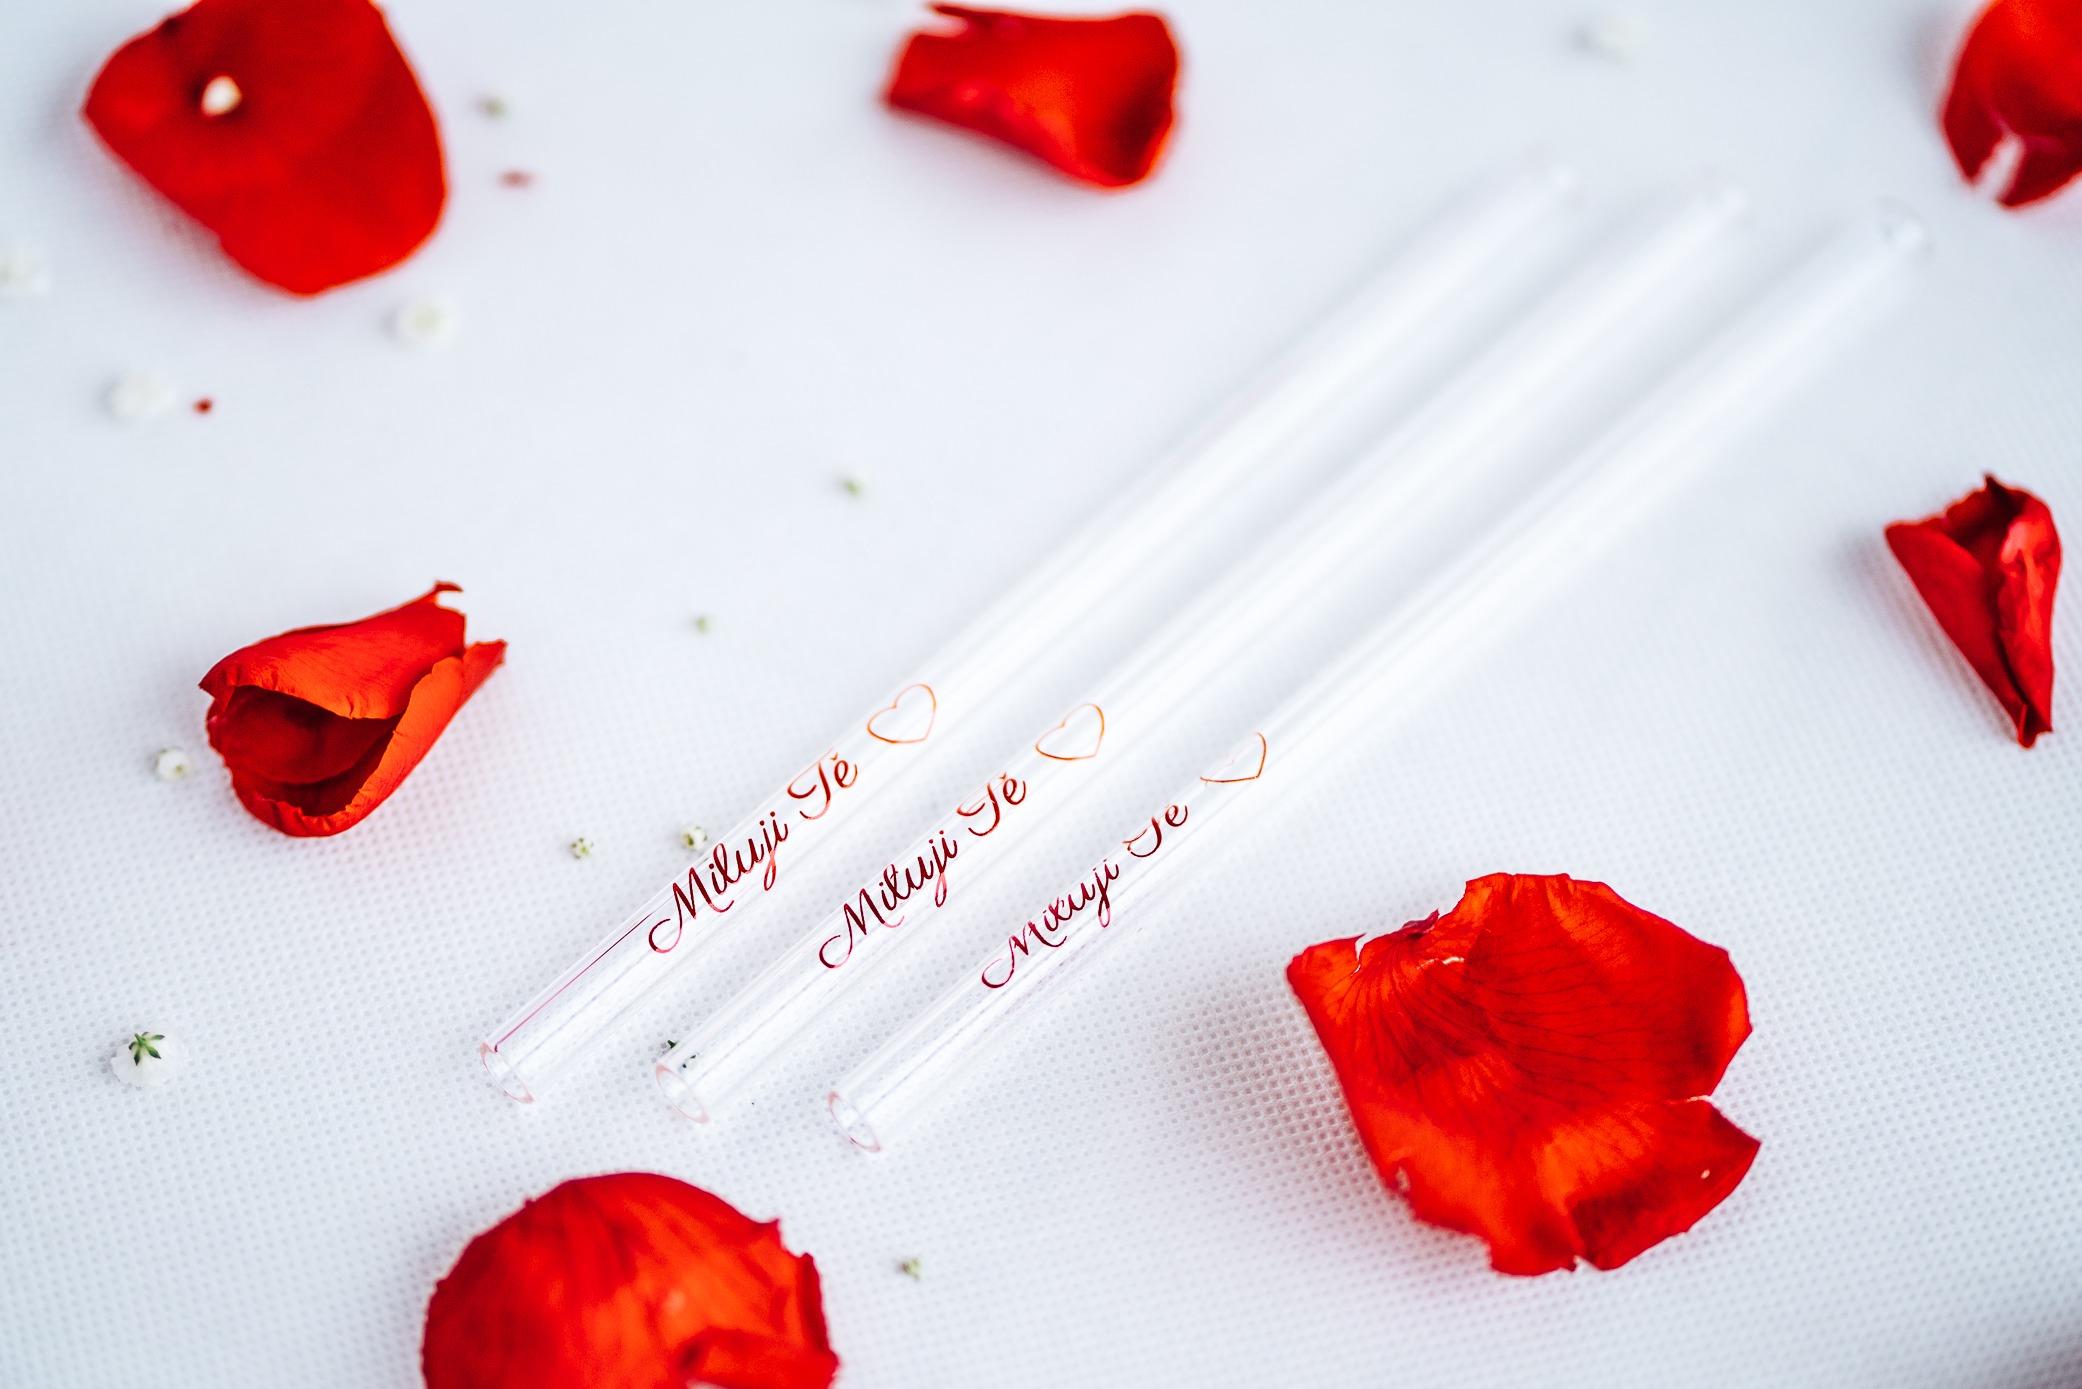 Brczko Miluji Tě - skleněné ekologické brčko 20 cm rovné s červený textem Miluji Tě